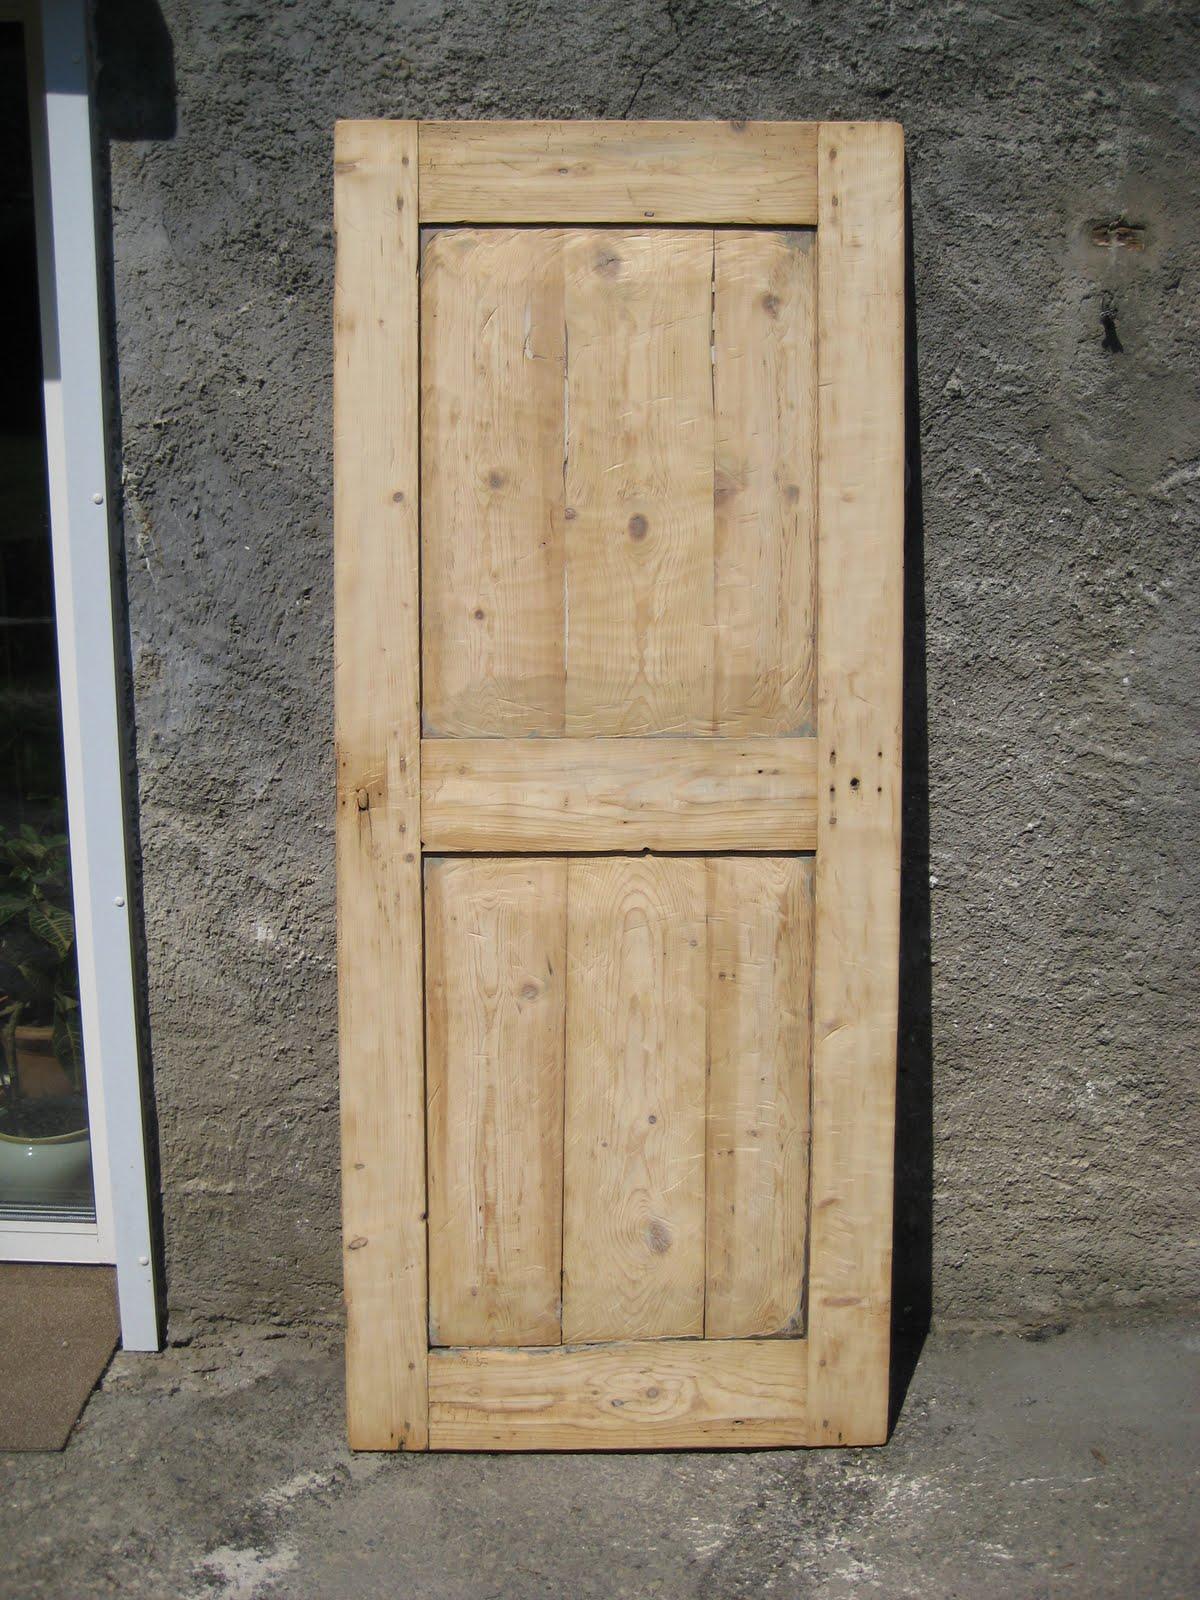 Notre petit coin de paradis la petite histoire d 39 une porte - Fabriquer une porte de grange ...